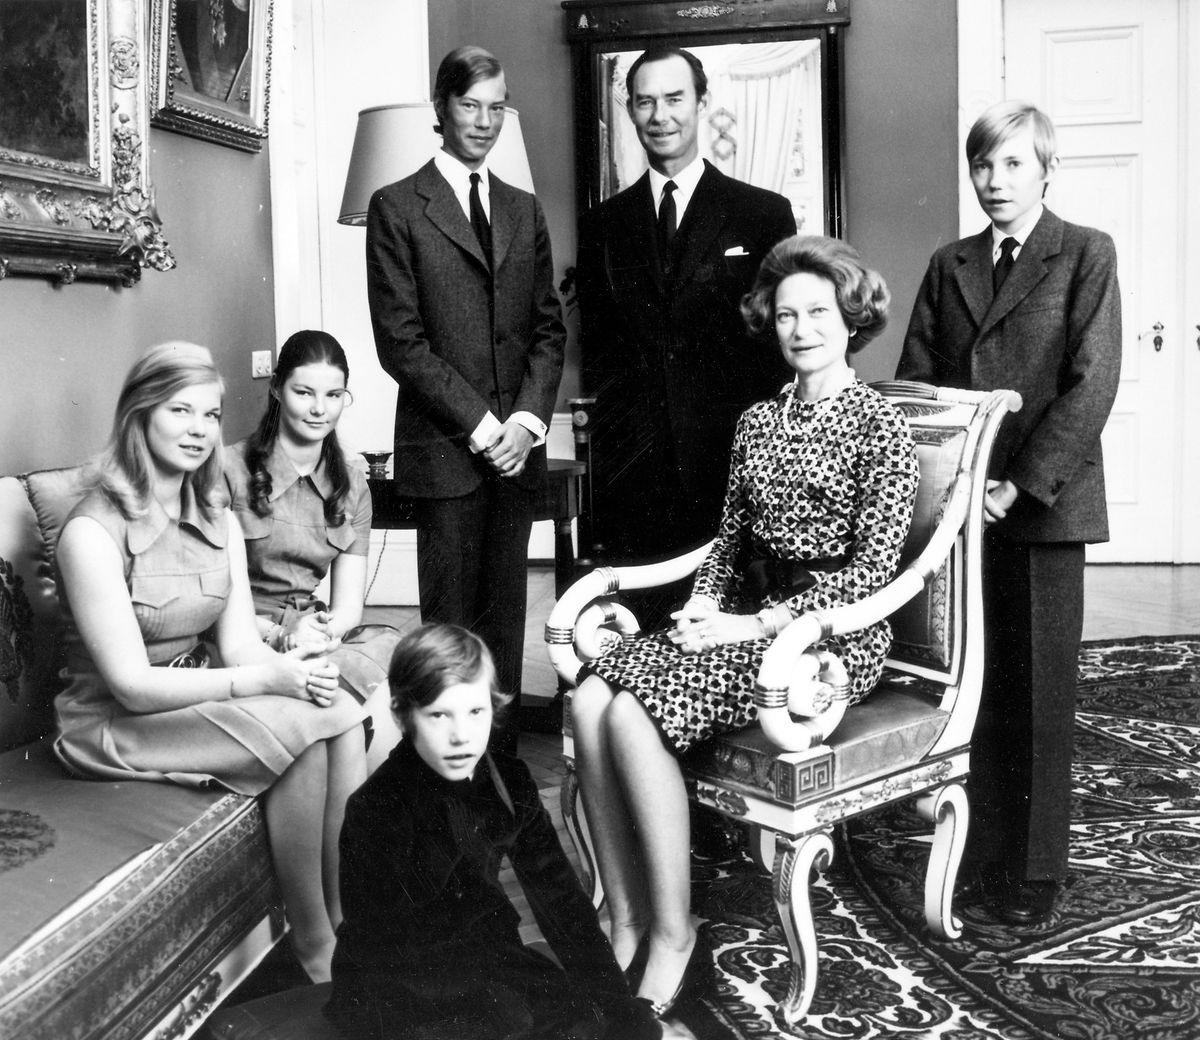 Jean de Luxembourg avec son épouse Joséphine Charlotte de Luxembourg et ses enfants: Marie-Astrid, Henri, Jean, Margaretha et Guillaume, en 1972.